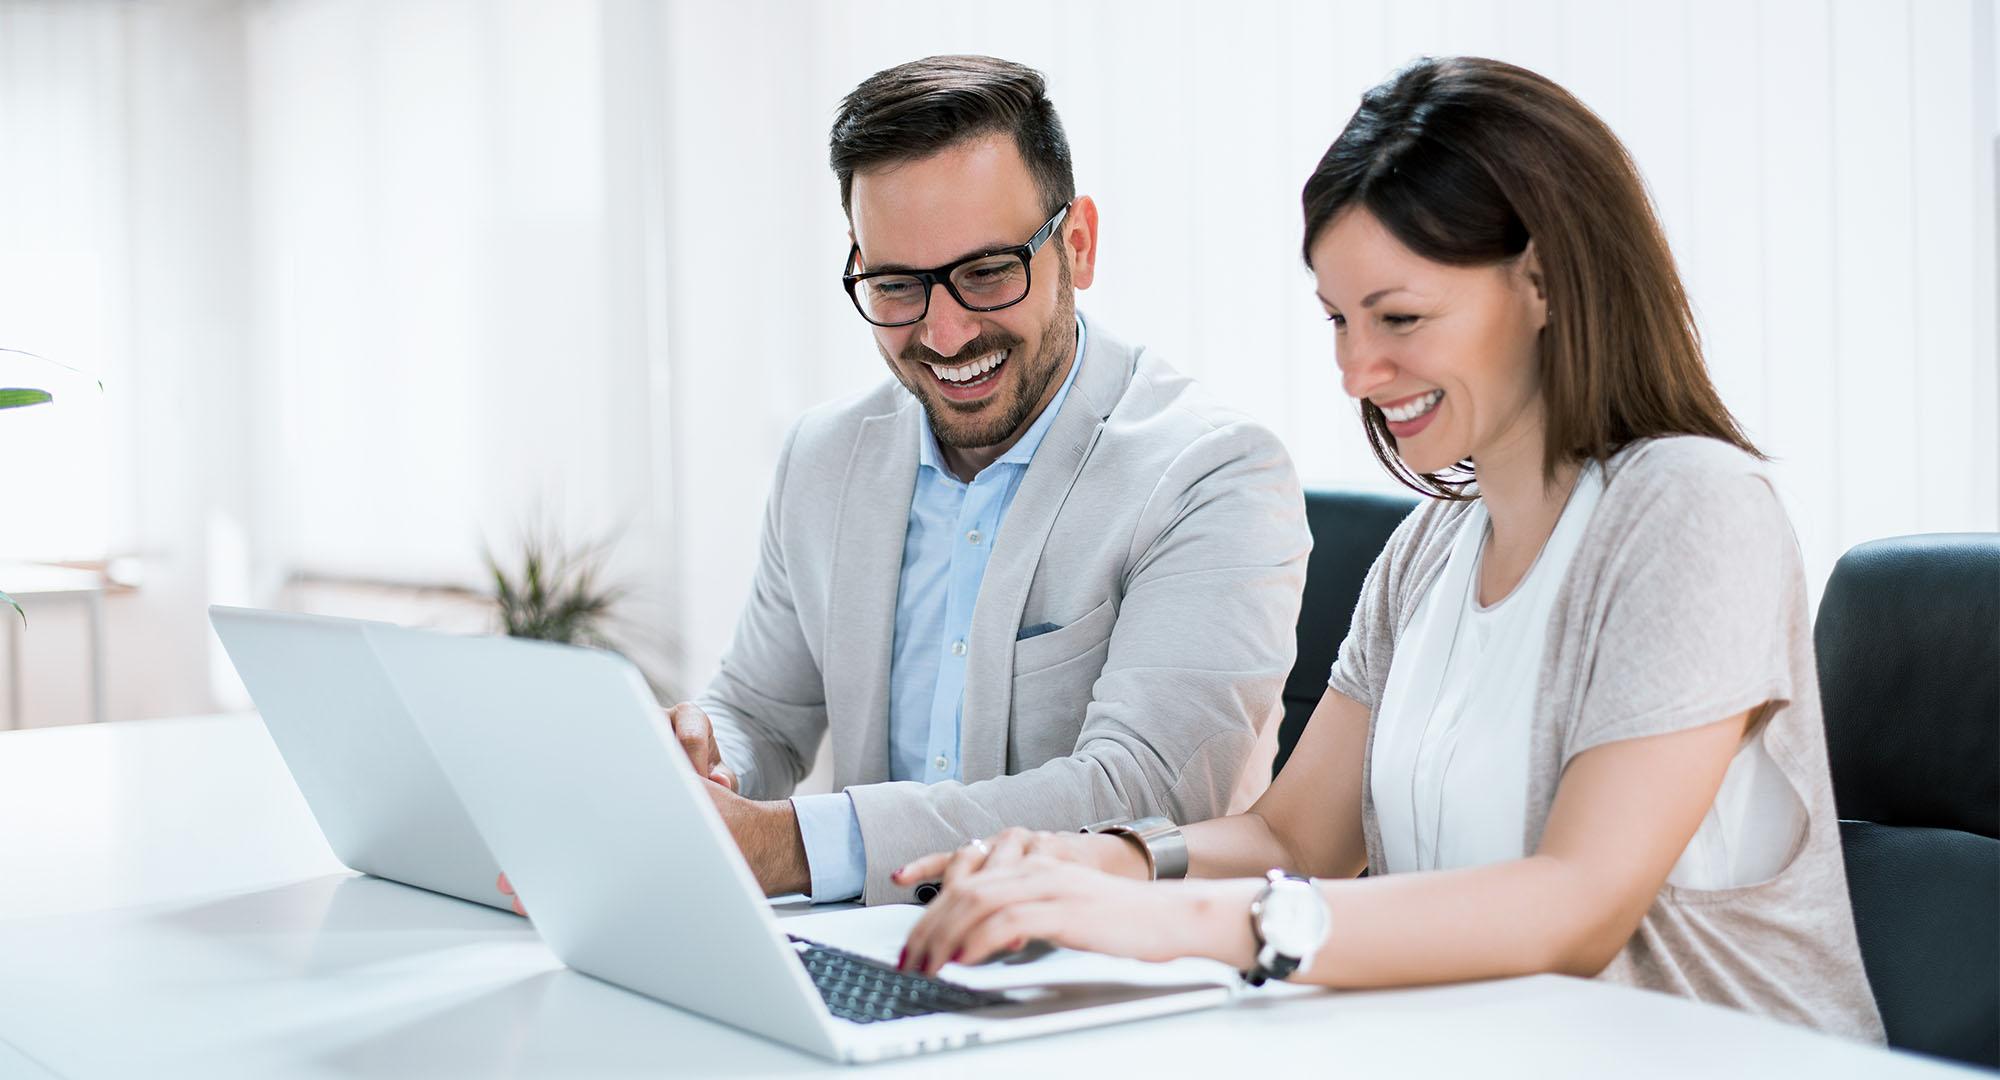 Digitale Wettbewerbsanalyse - Colleagues